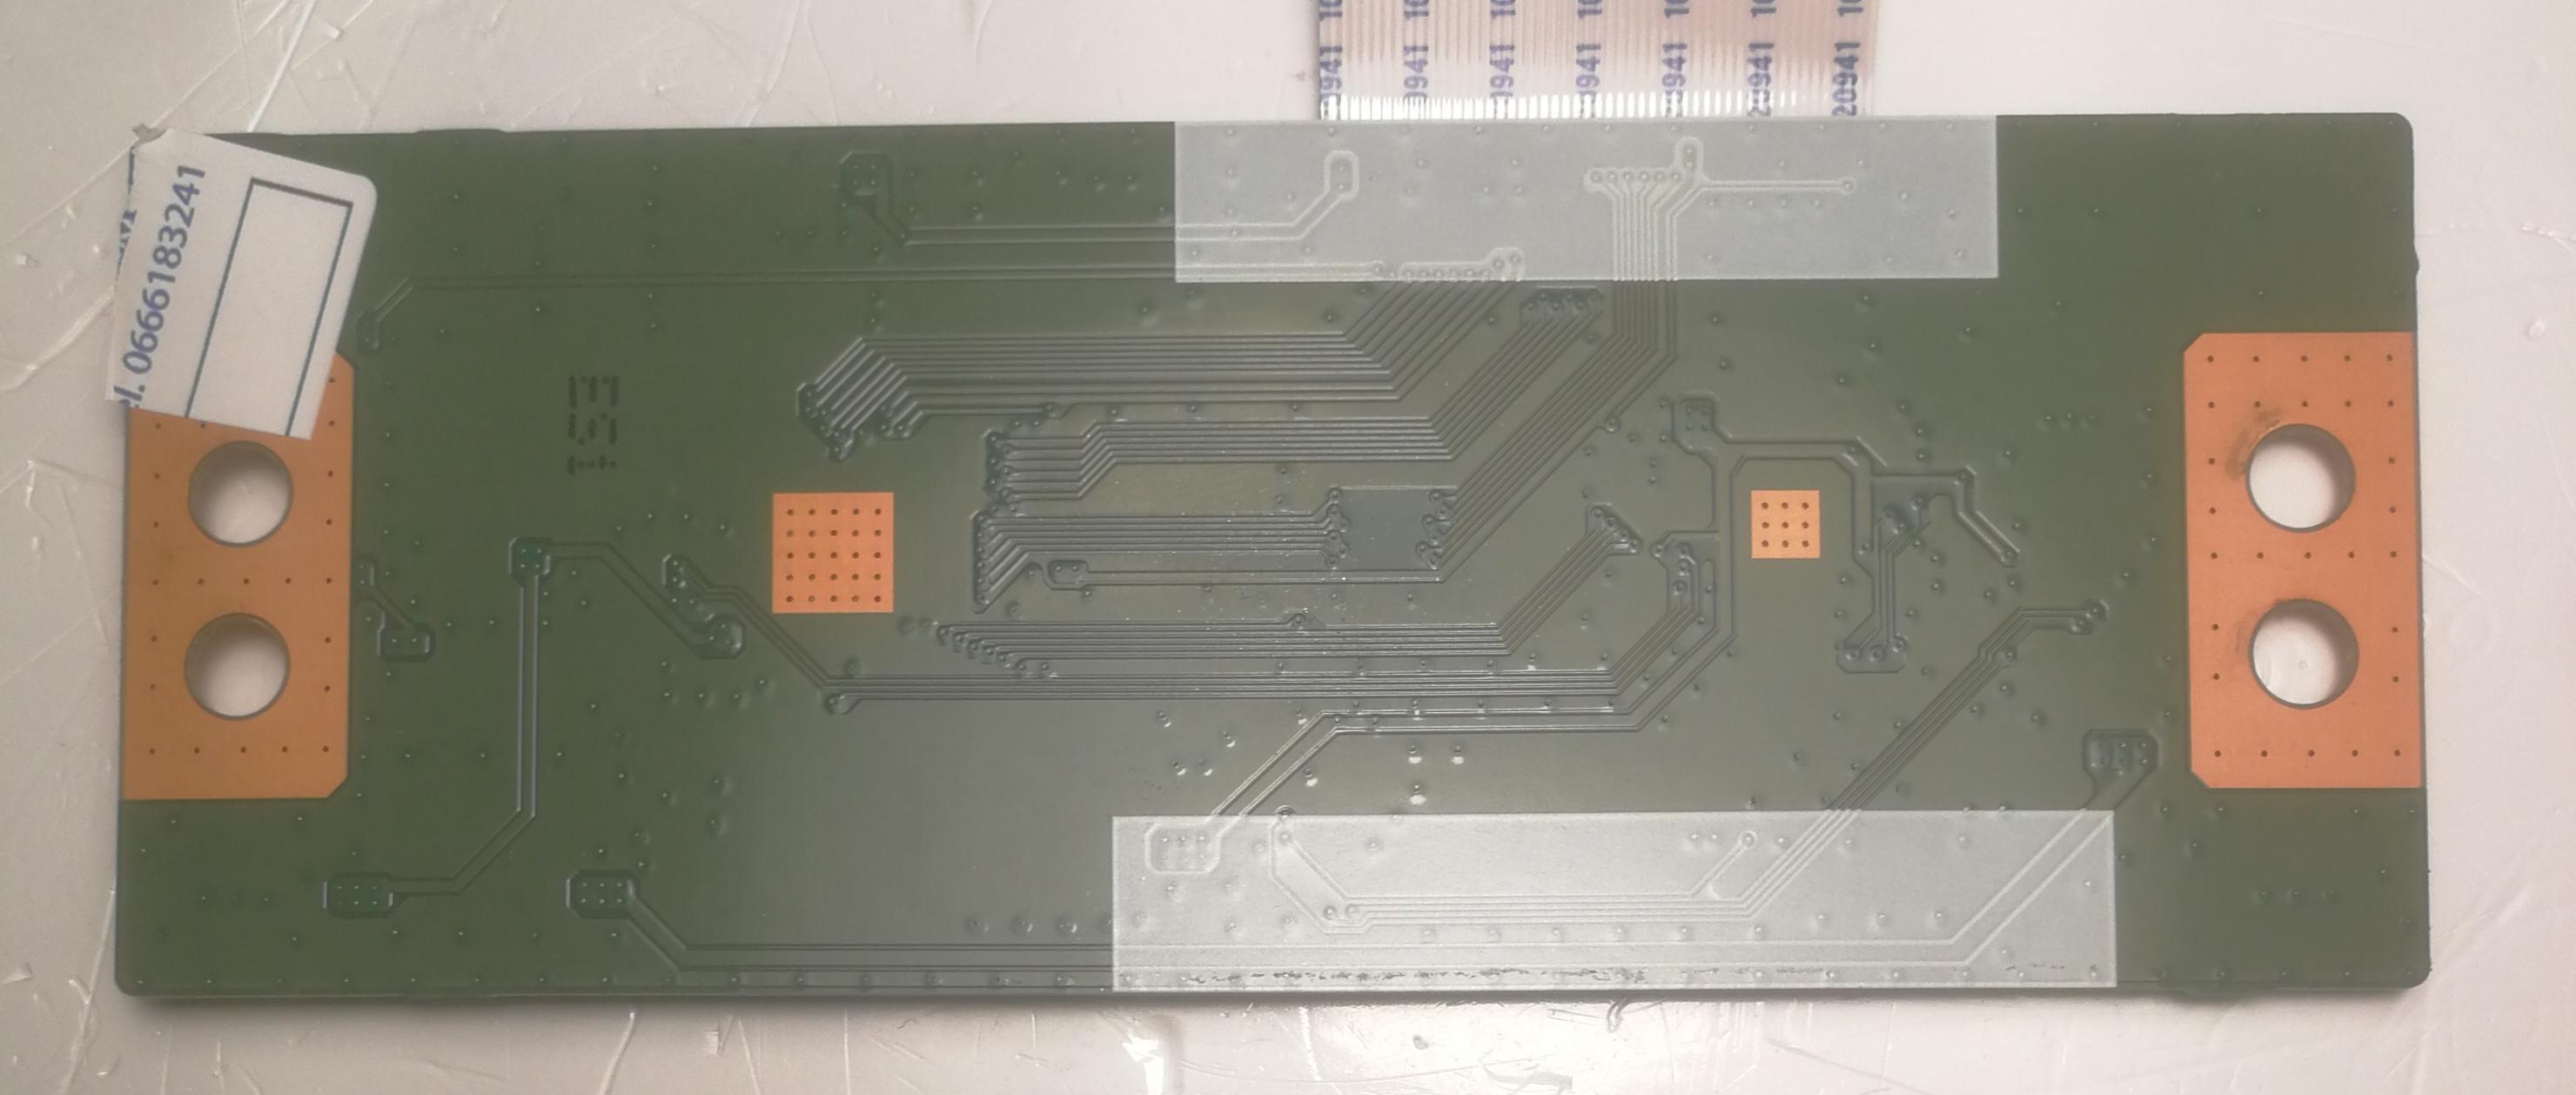 T-CON BOARD PANASONIC TX-32AW304 6870C-0442B USATO ITALIA